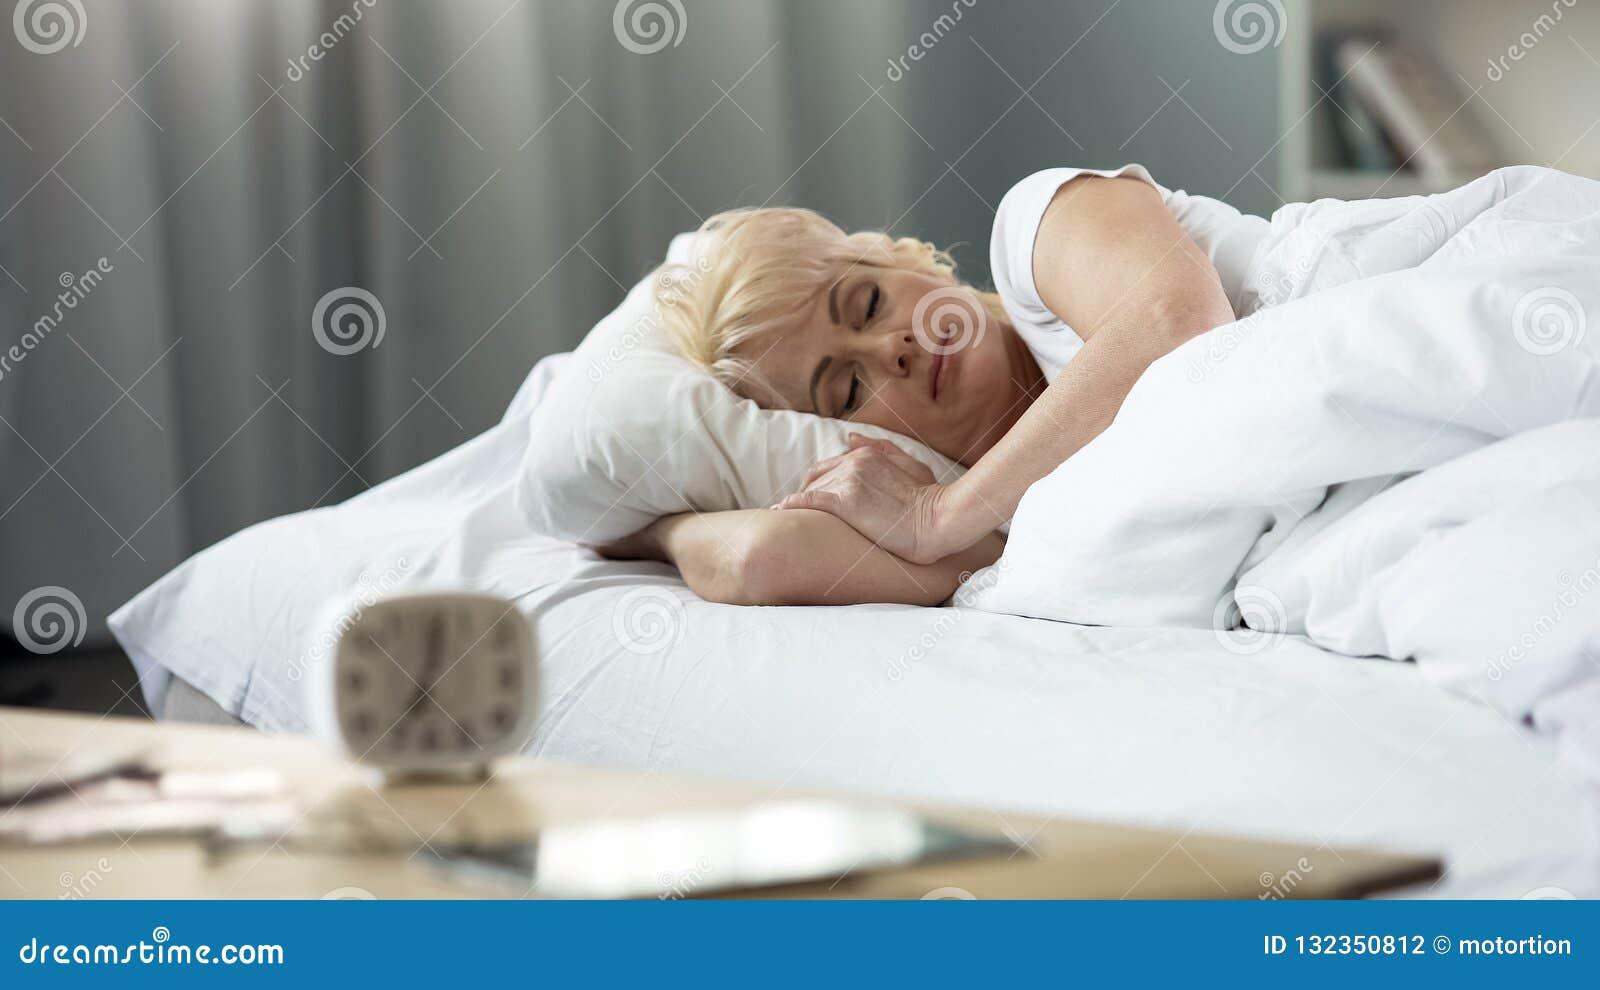 Mooie dameslaap op middelbare leeftijd in bed, slaapcyclus, vreedzame rust, gezondheid